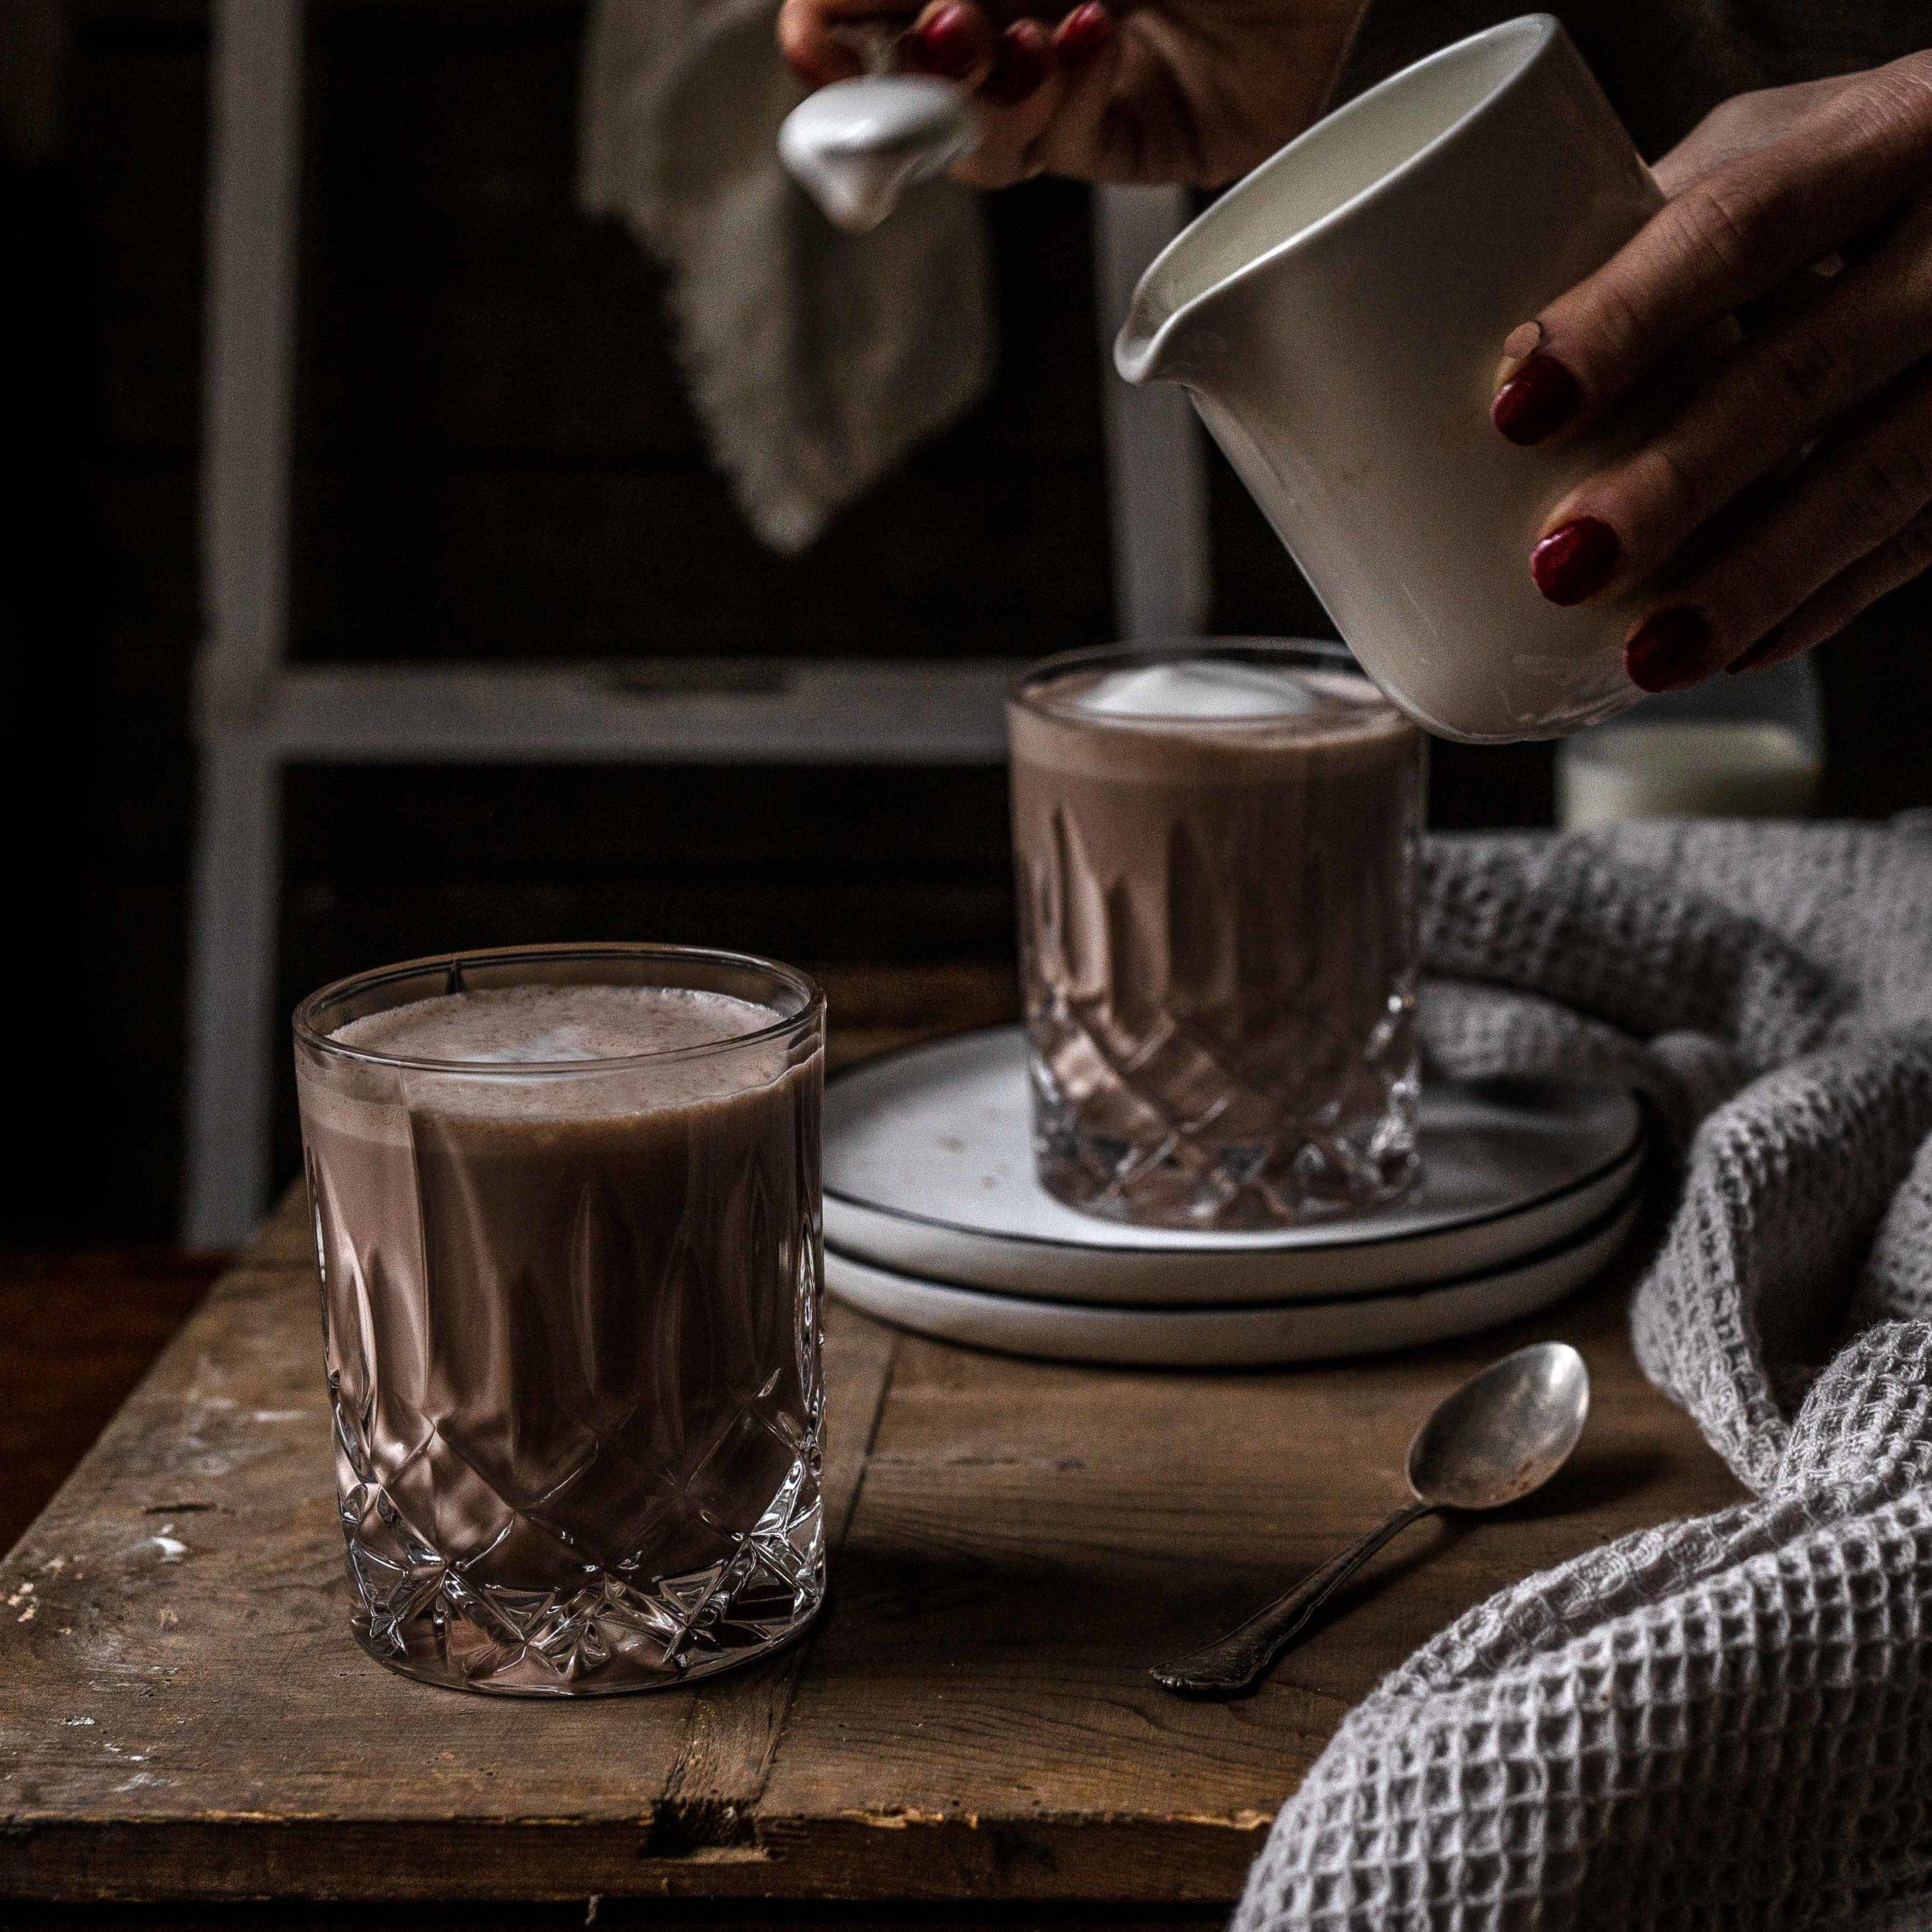 …und zuletzt geben wir den Milchschaum auf die Pfefferminzschokolade.